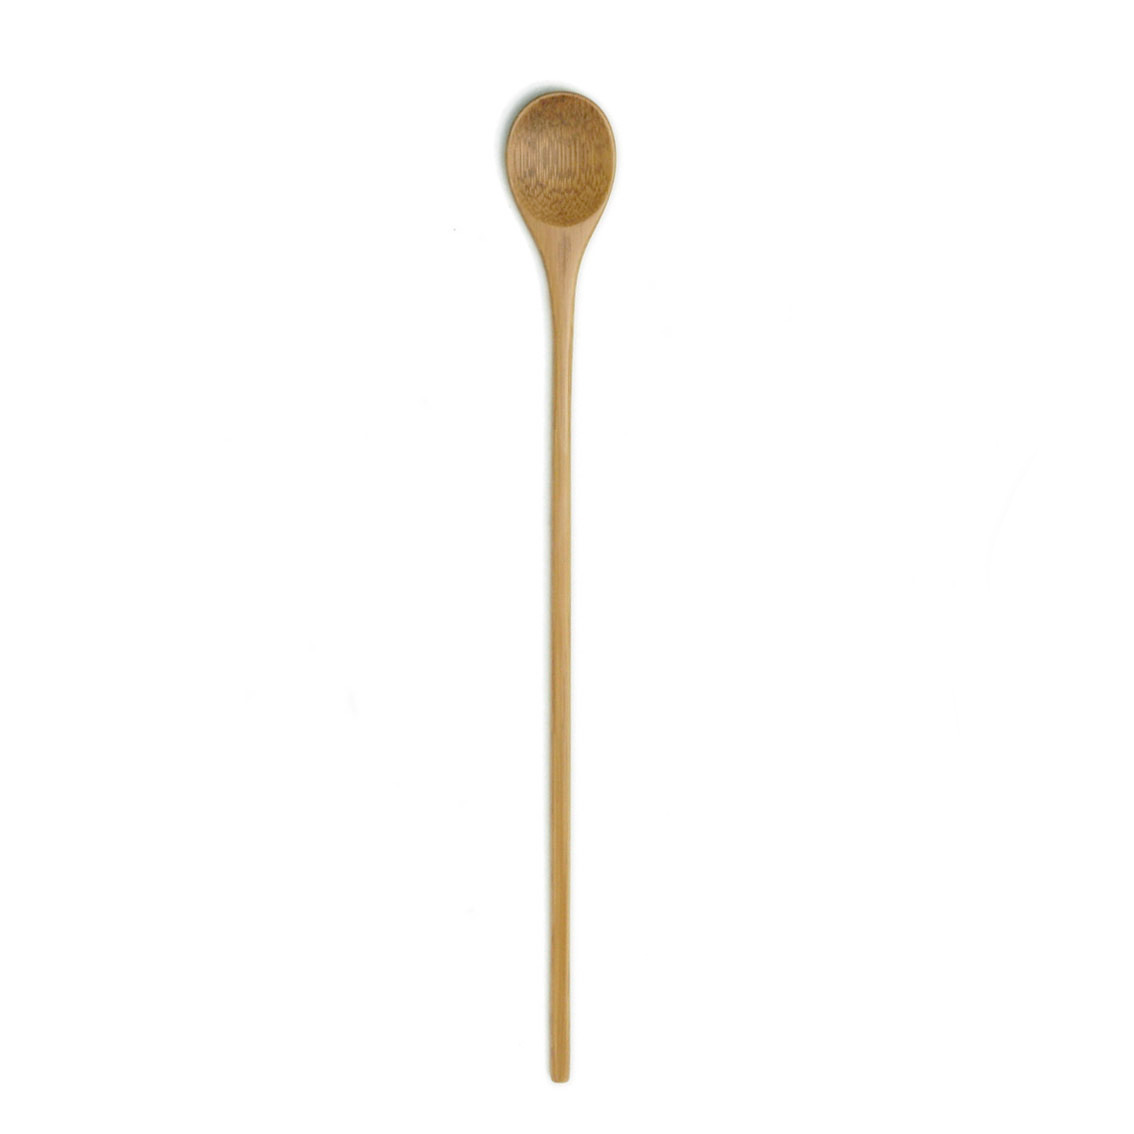 スーパーセール期間限定 シンプルで美しい 漆器 拭き漆 竹:拭漆竹マドラー 最新 20cm》 奥田志郎 甲斐のぶお工房《マドラー スティラー